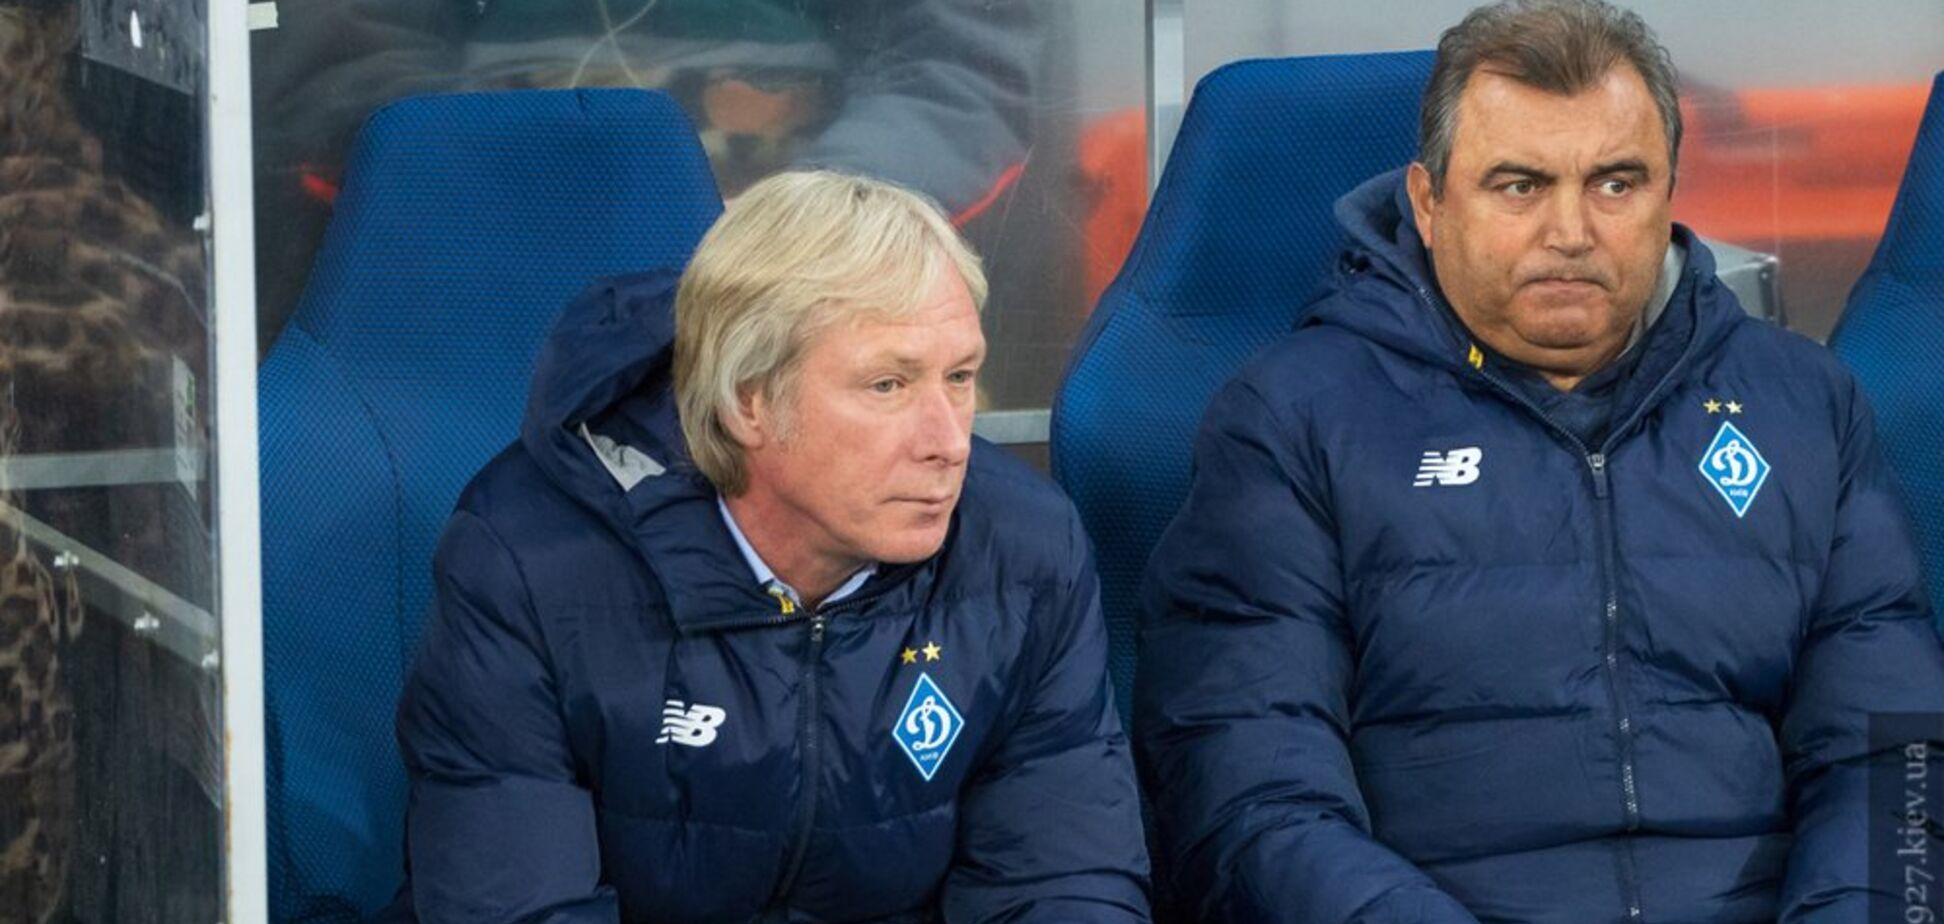 Не дуже весела: експерт назвав головну проблему Михайличенка в 'Динамо'